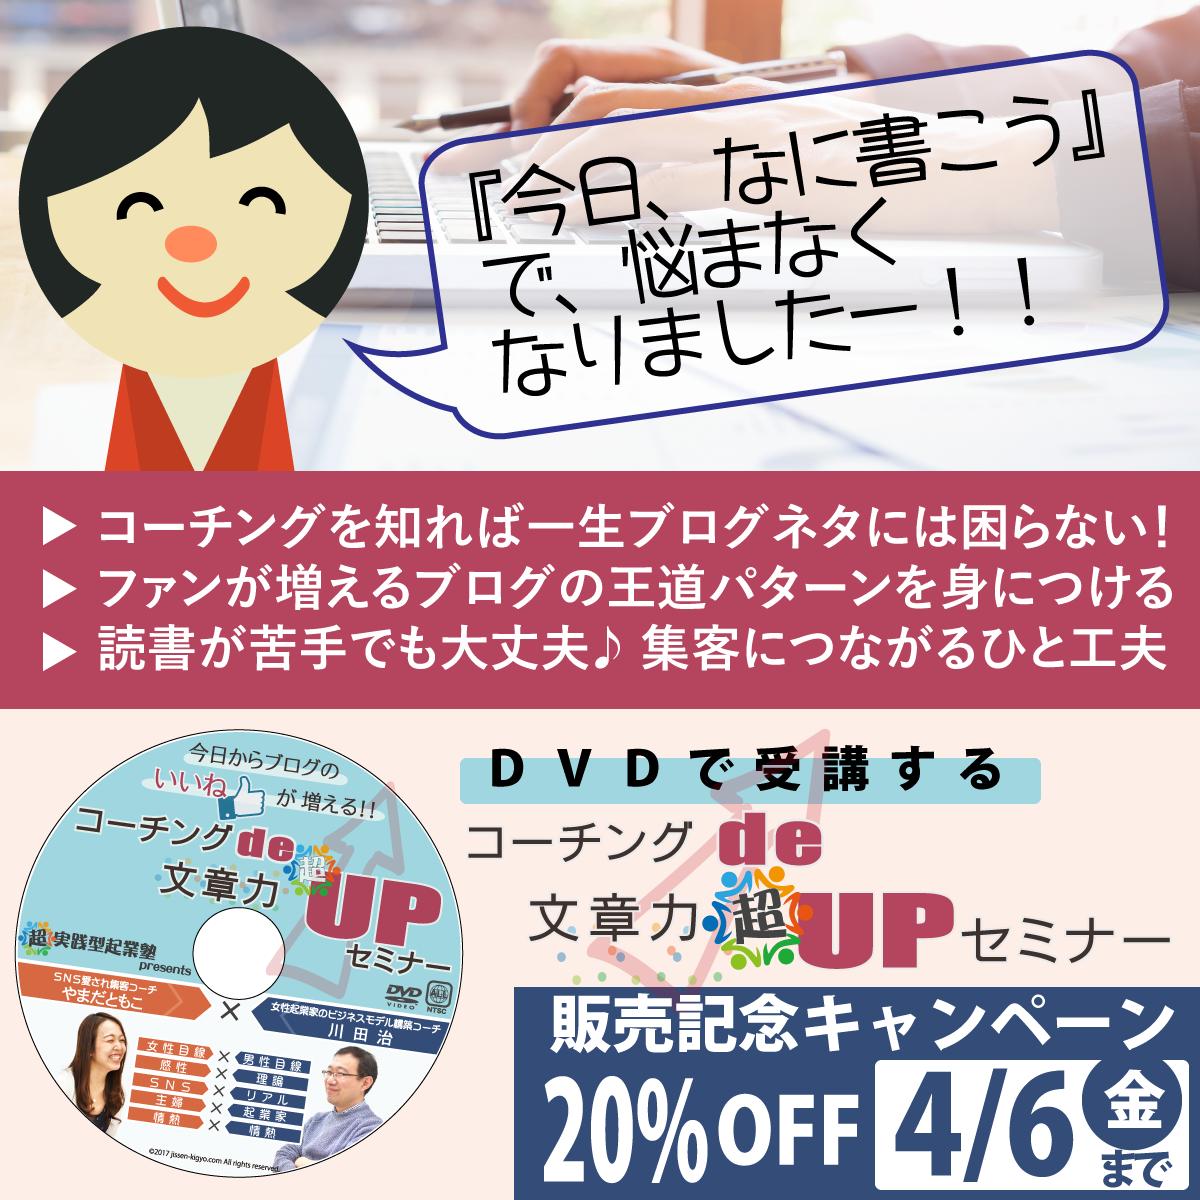 第二弾DVDリリースしましたのイメージ